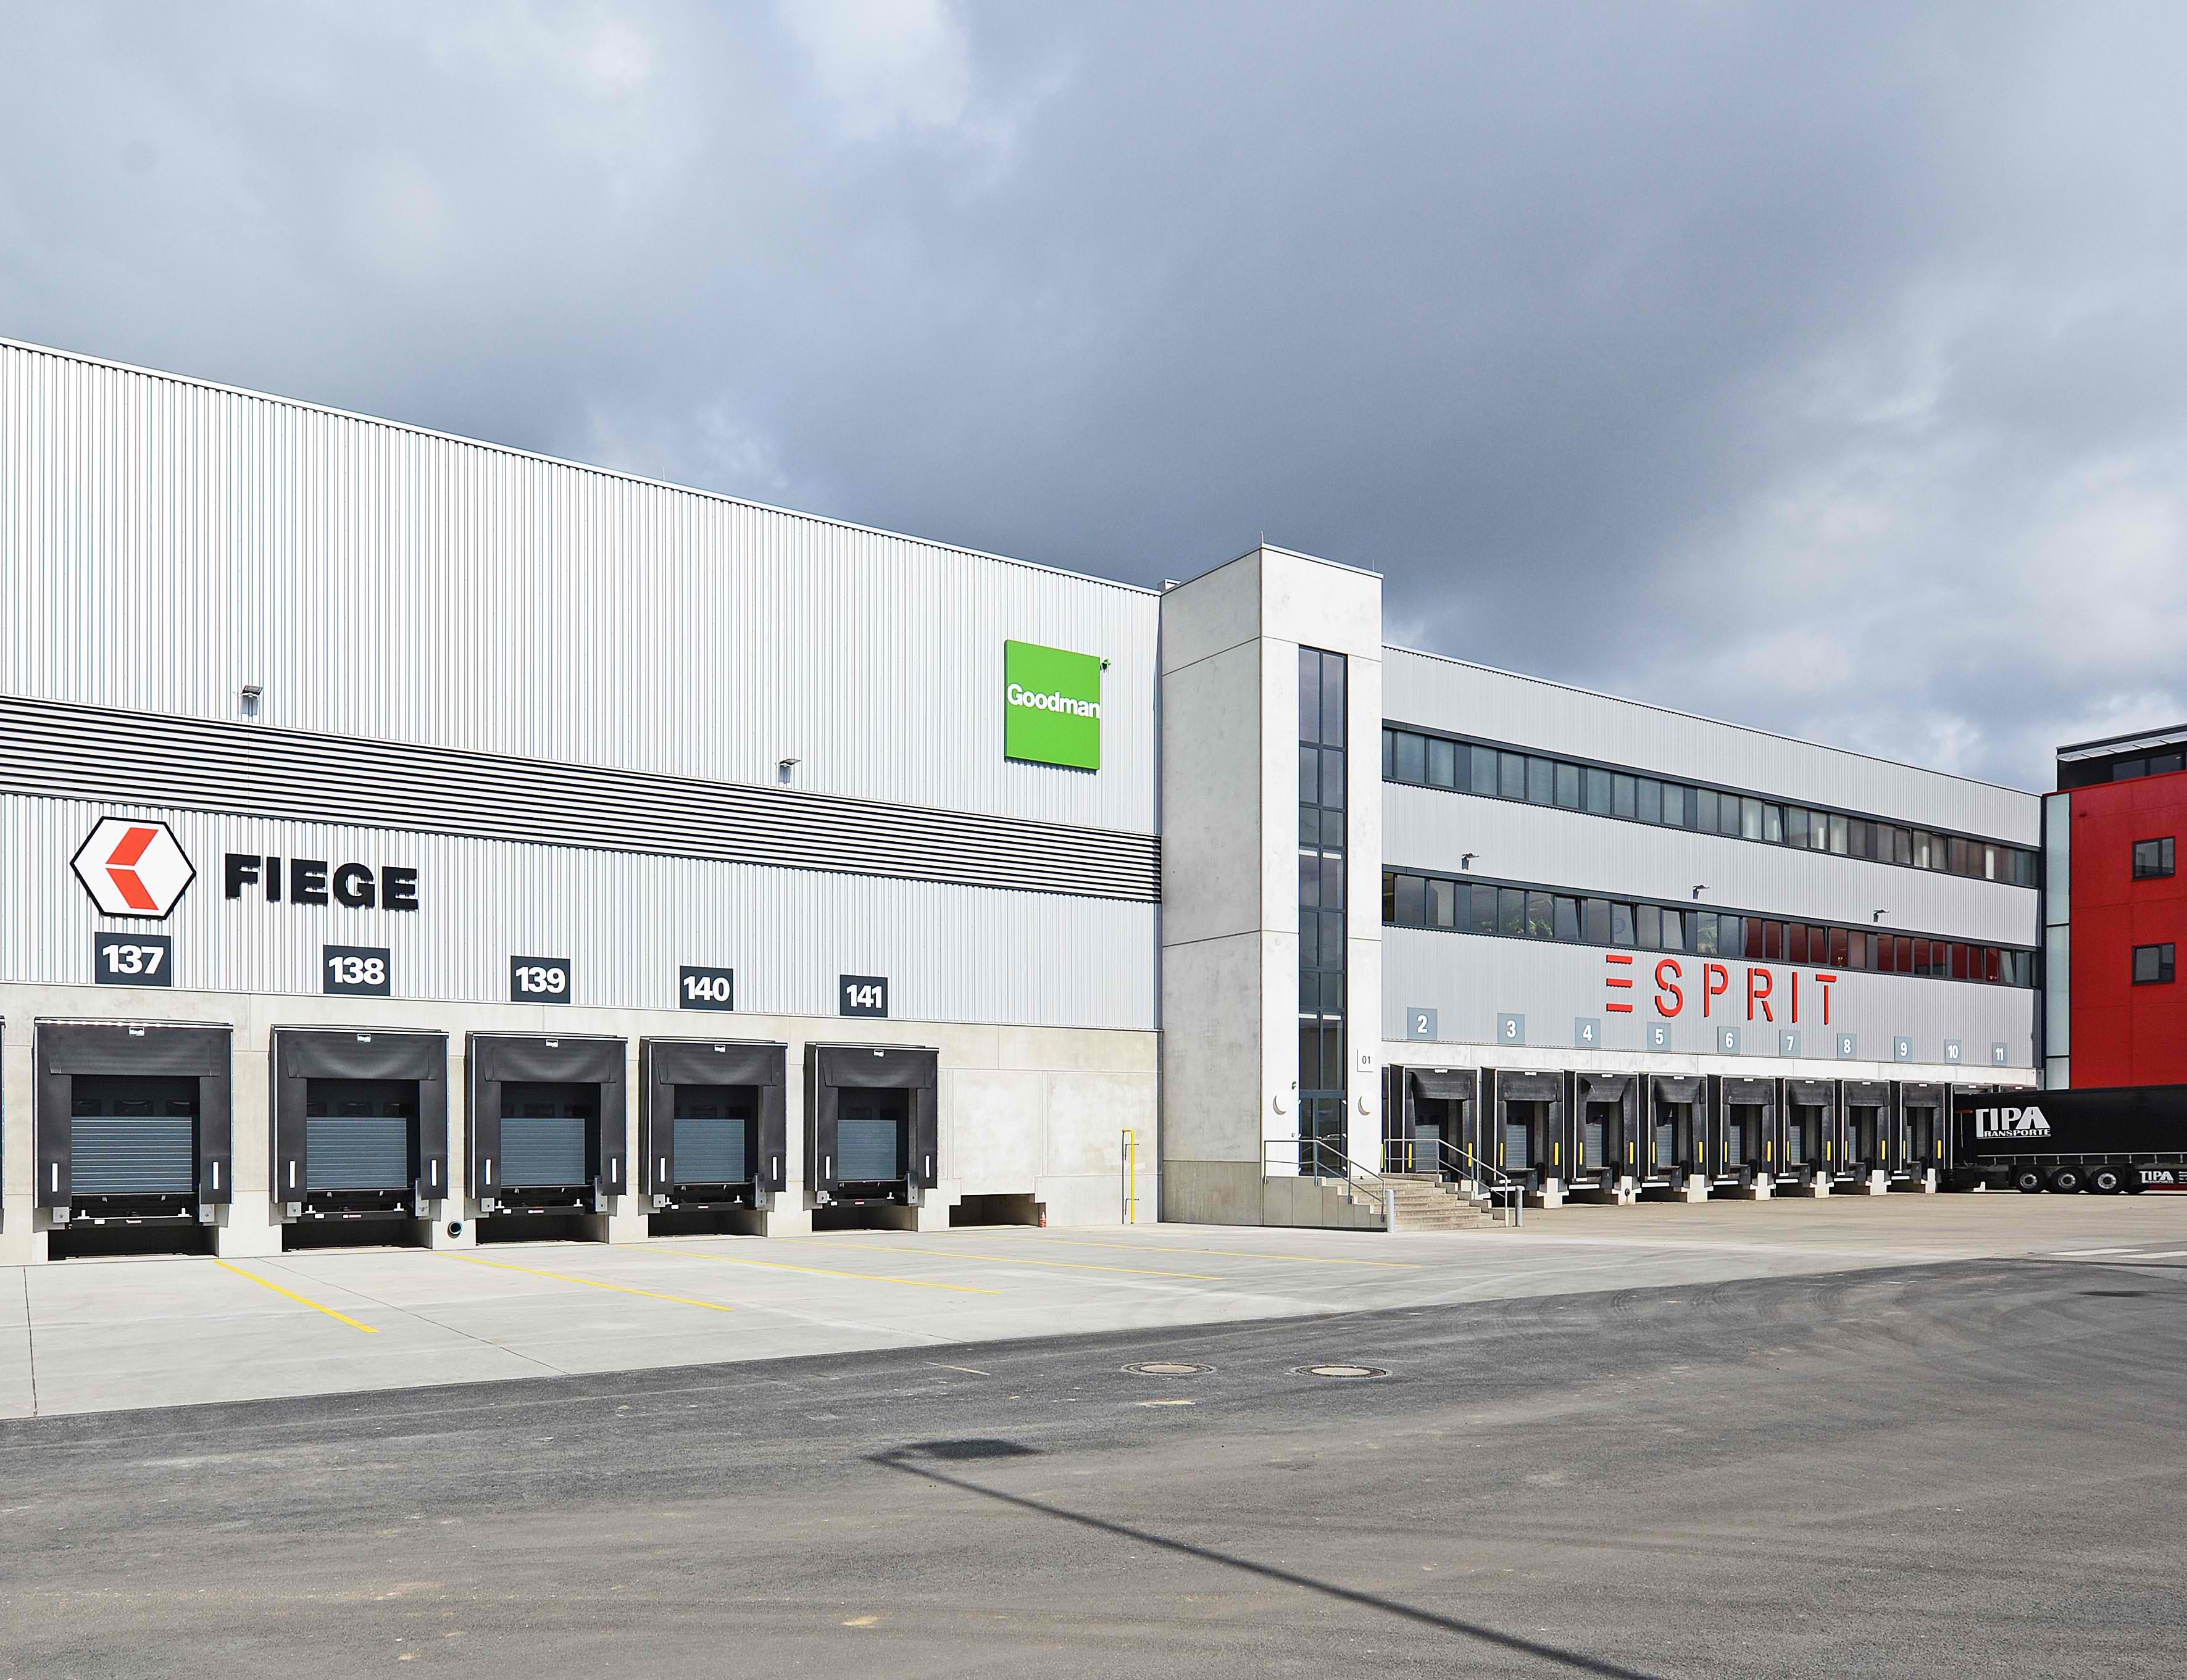 authentische Qualität um 50 Prozent reduziert schöne Schuhe EPR Retail News | Esprit opens new logistics center in ...